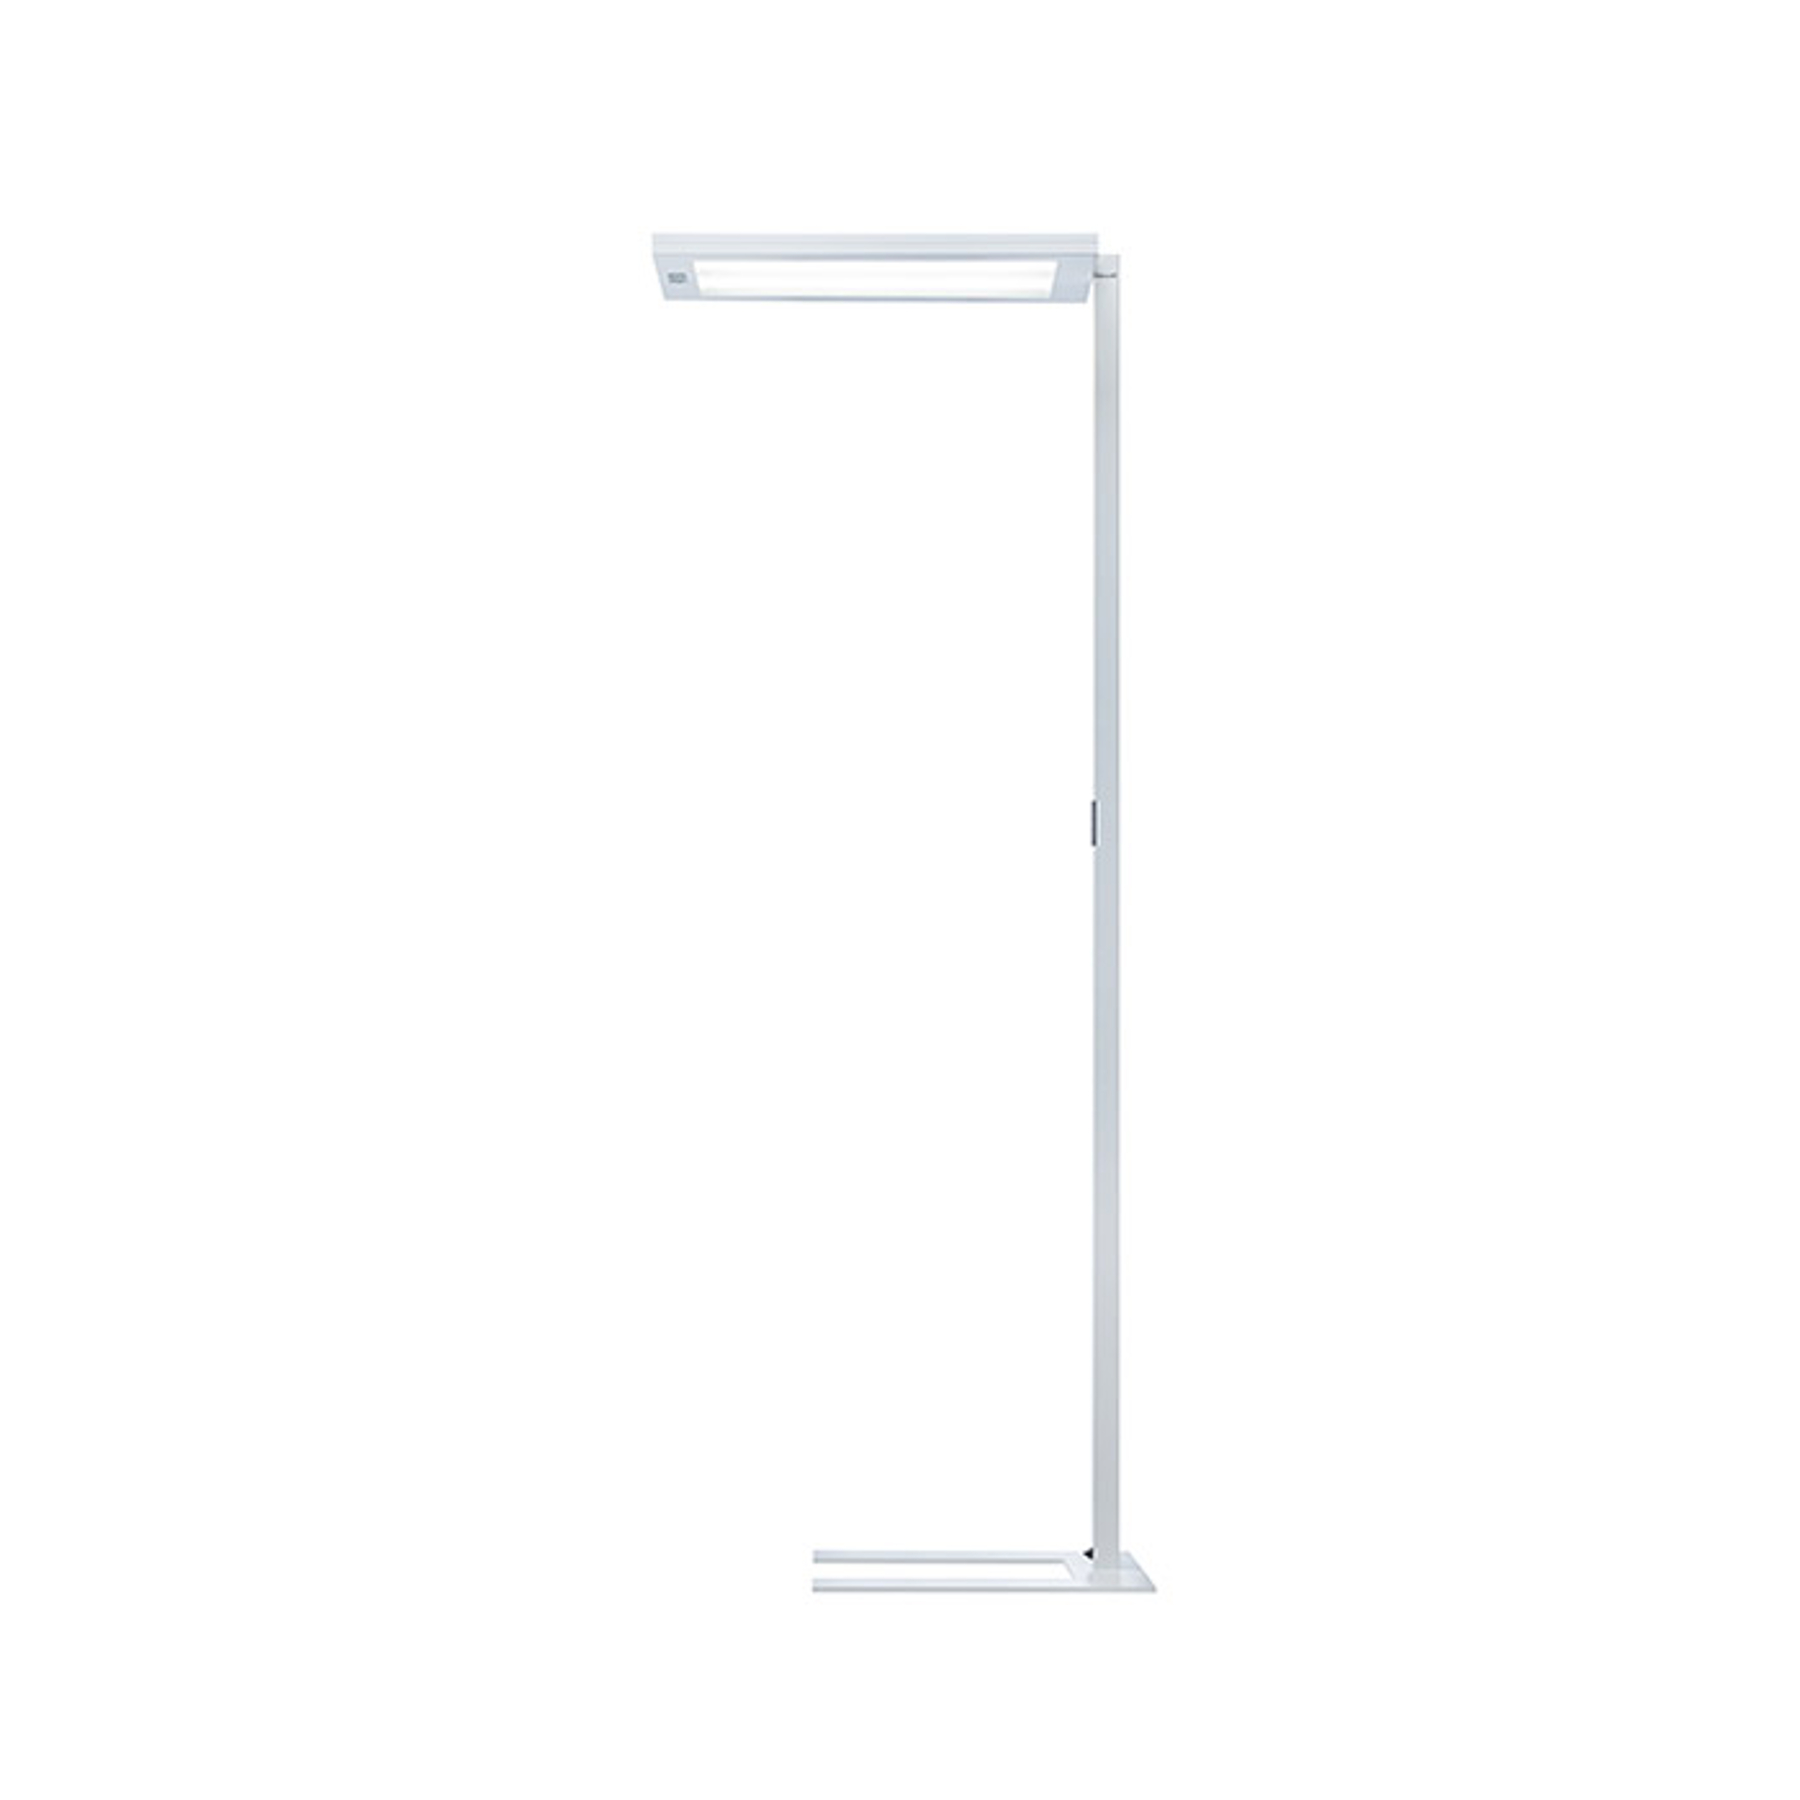 Lampadaire LED Lavigo DPS 16500/840/R/G2 blanc